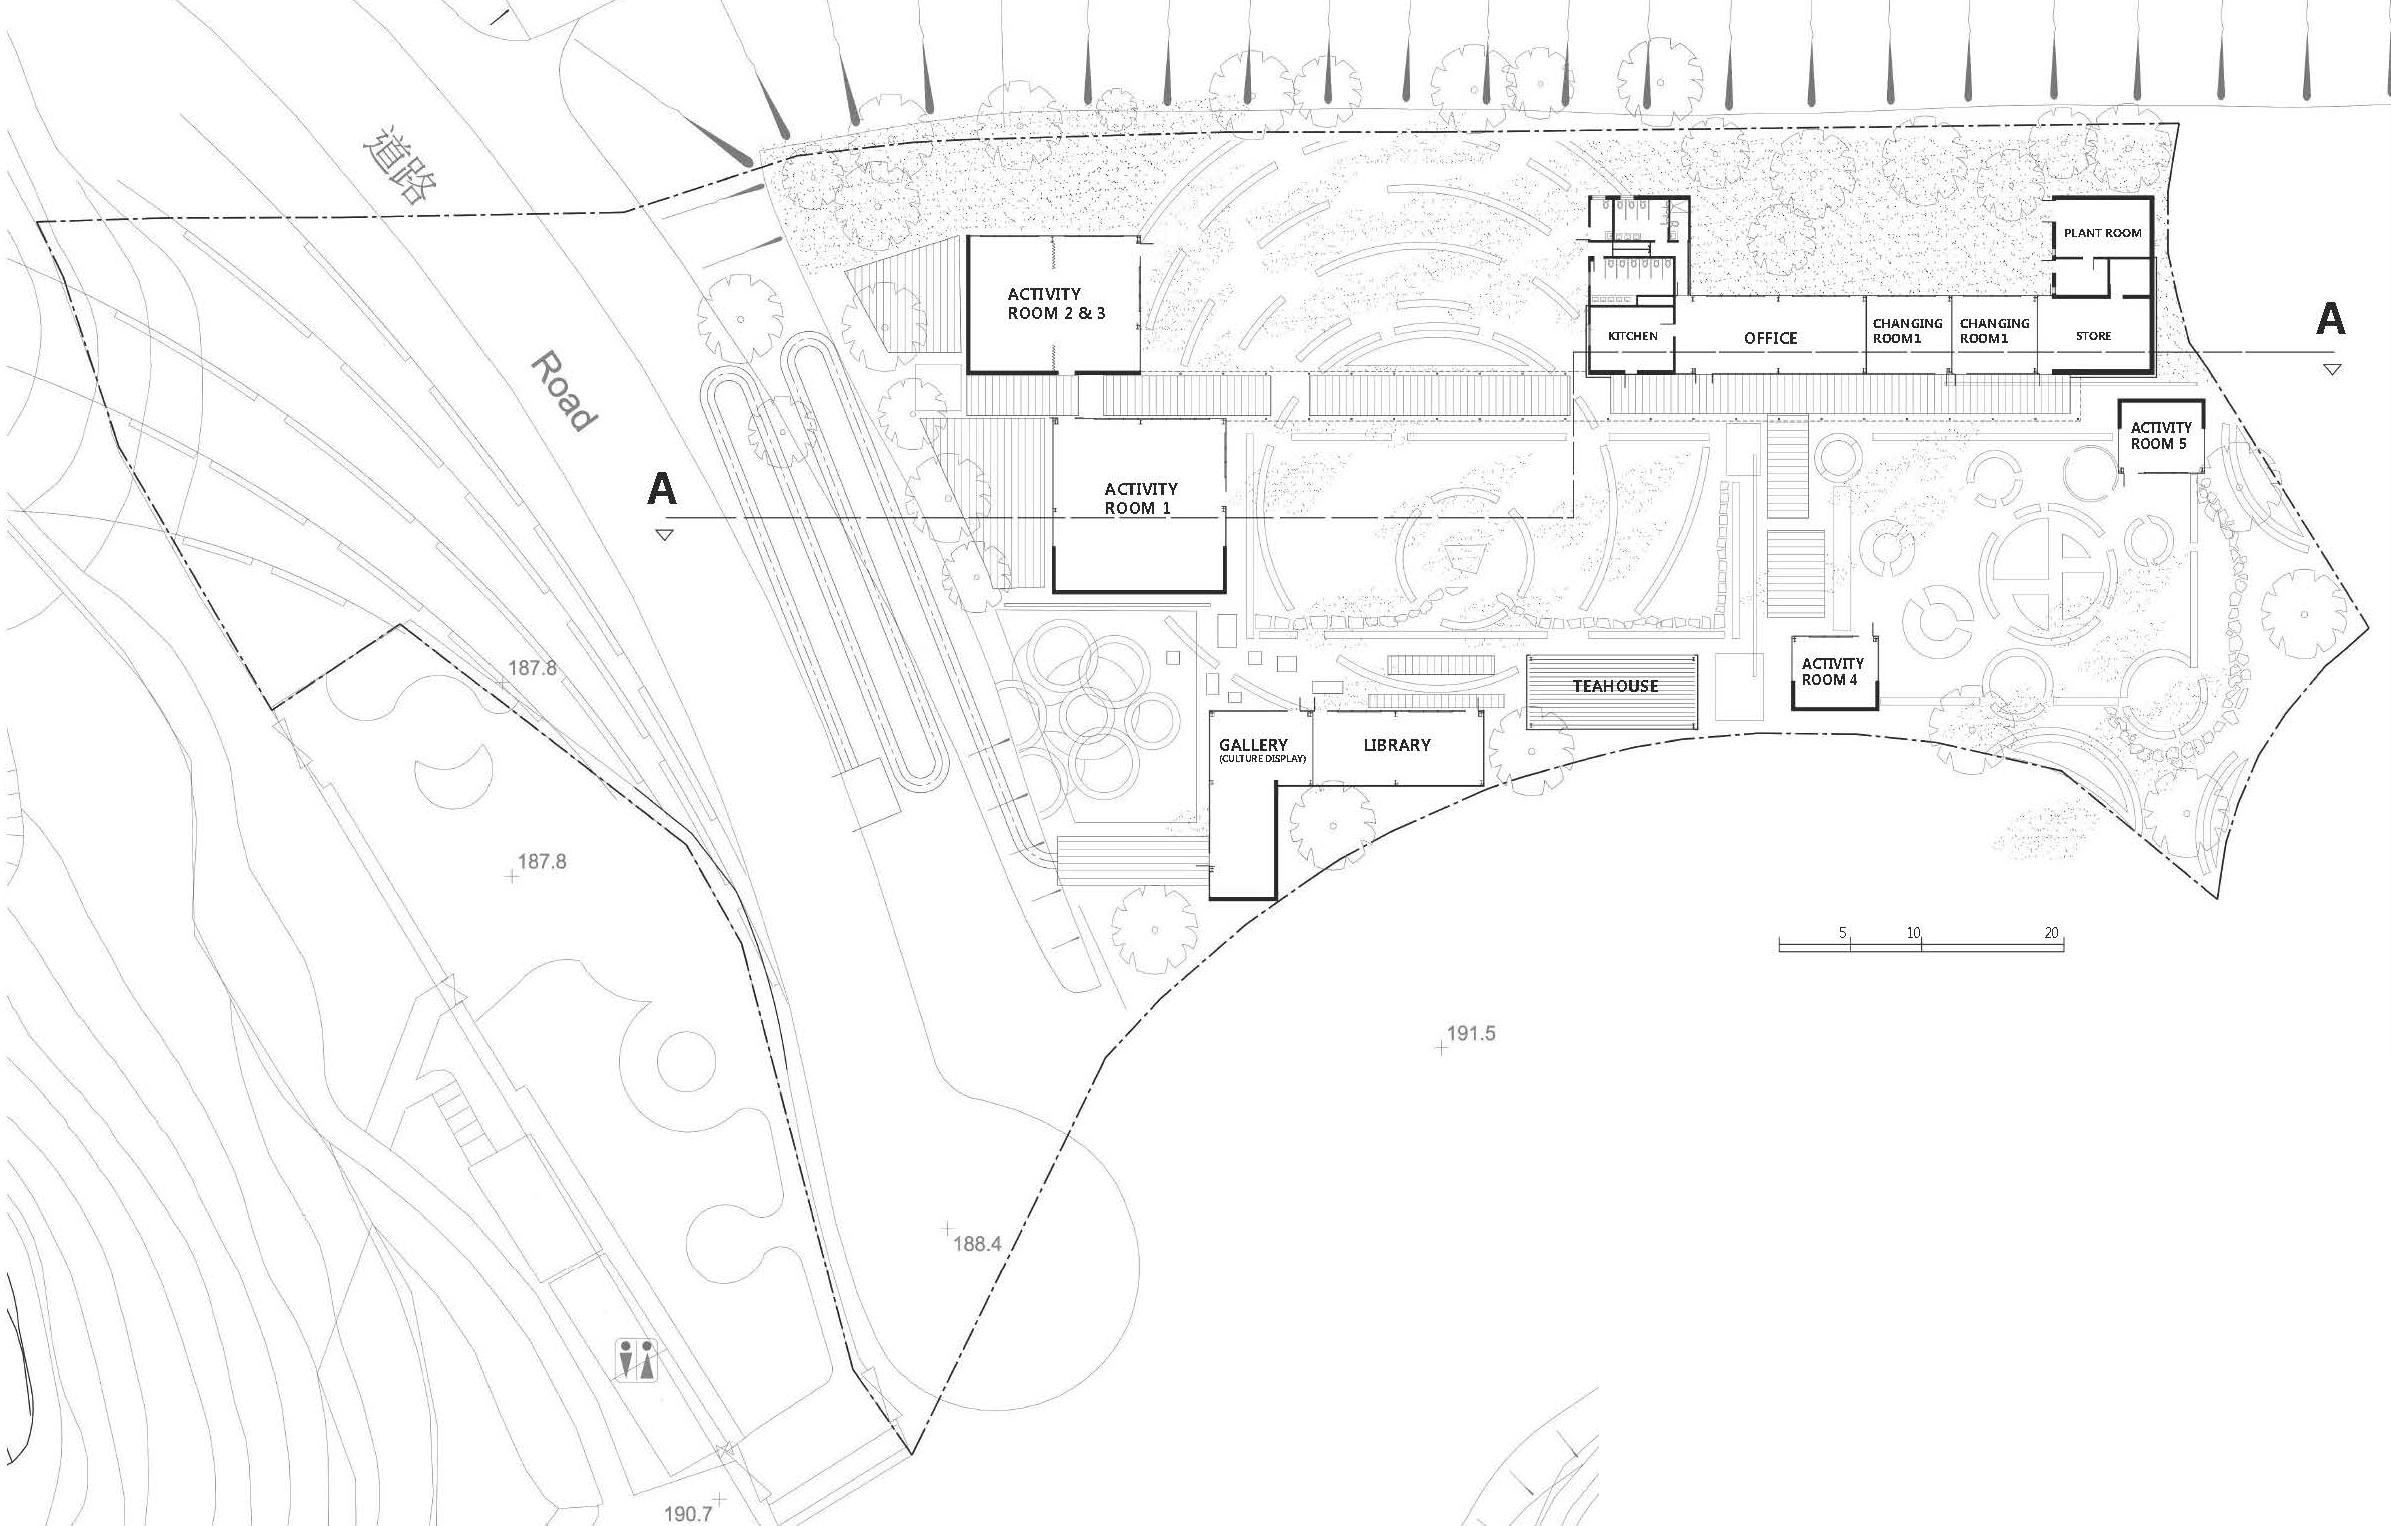 Ground Floor Plan 地面層平面